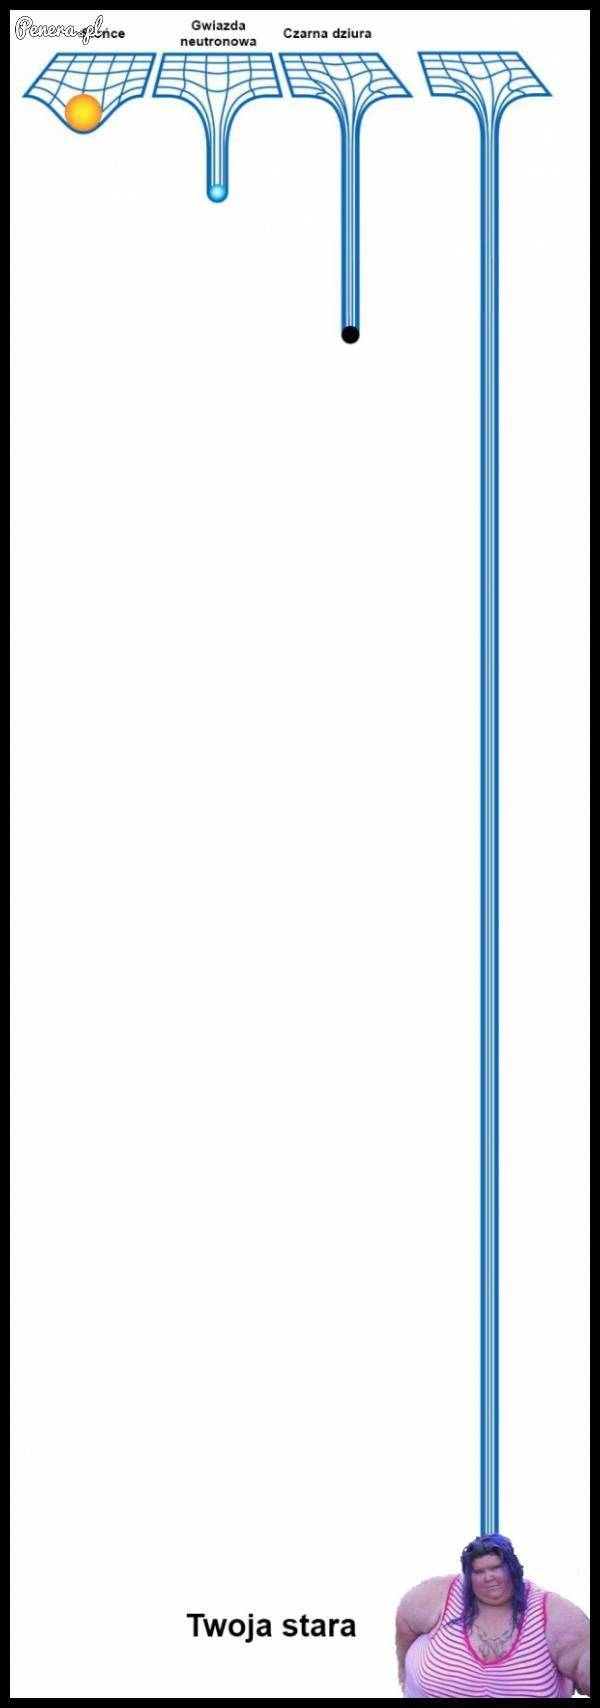 Porównanie najcięższych przedmiotów we wszechświecie